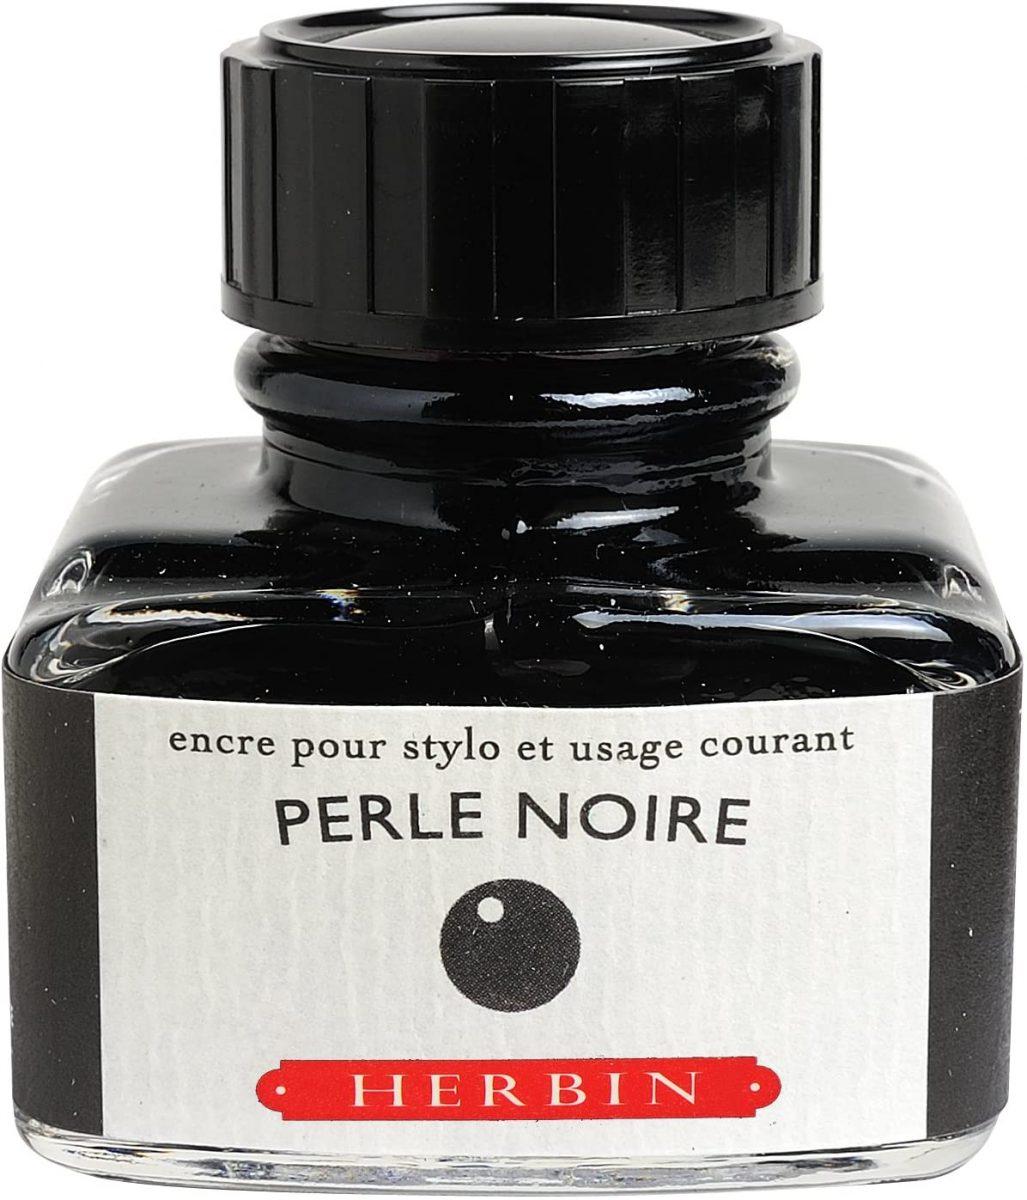 Herbin Perle Noire